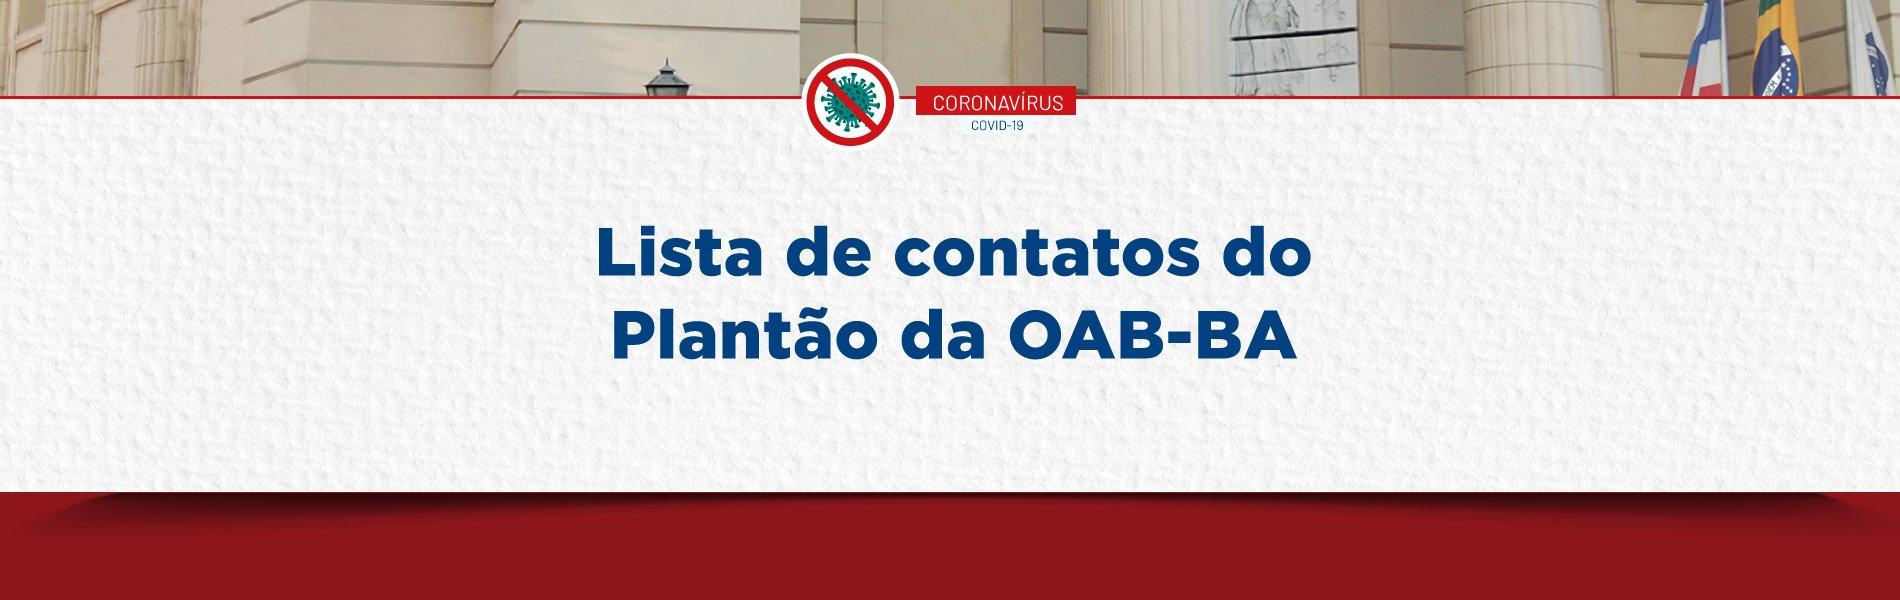 [Coronavírus: Lista de contatos do Plantão da OAB-BA]